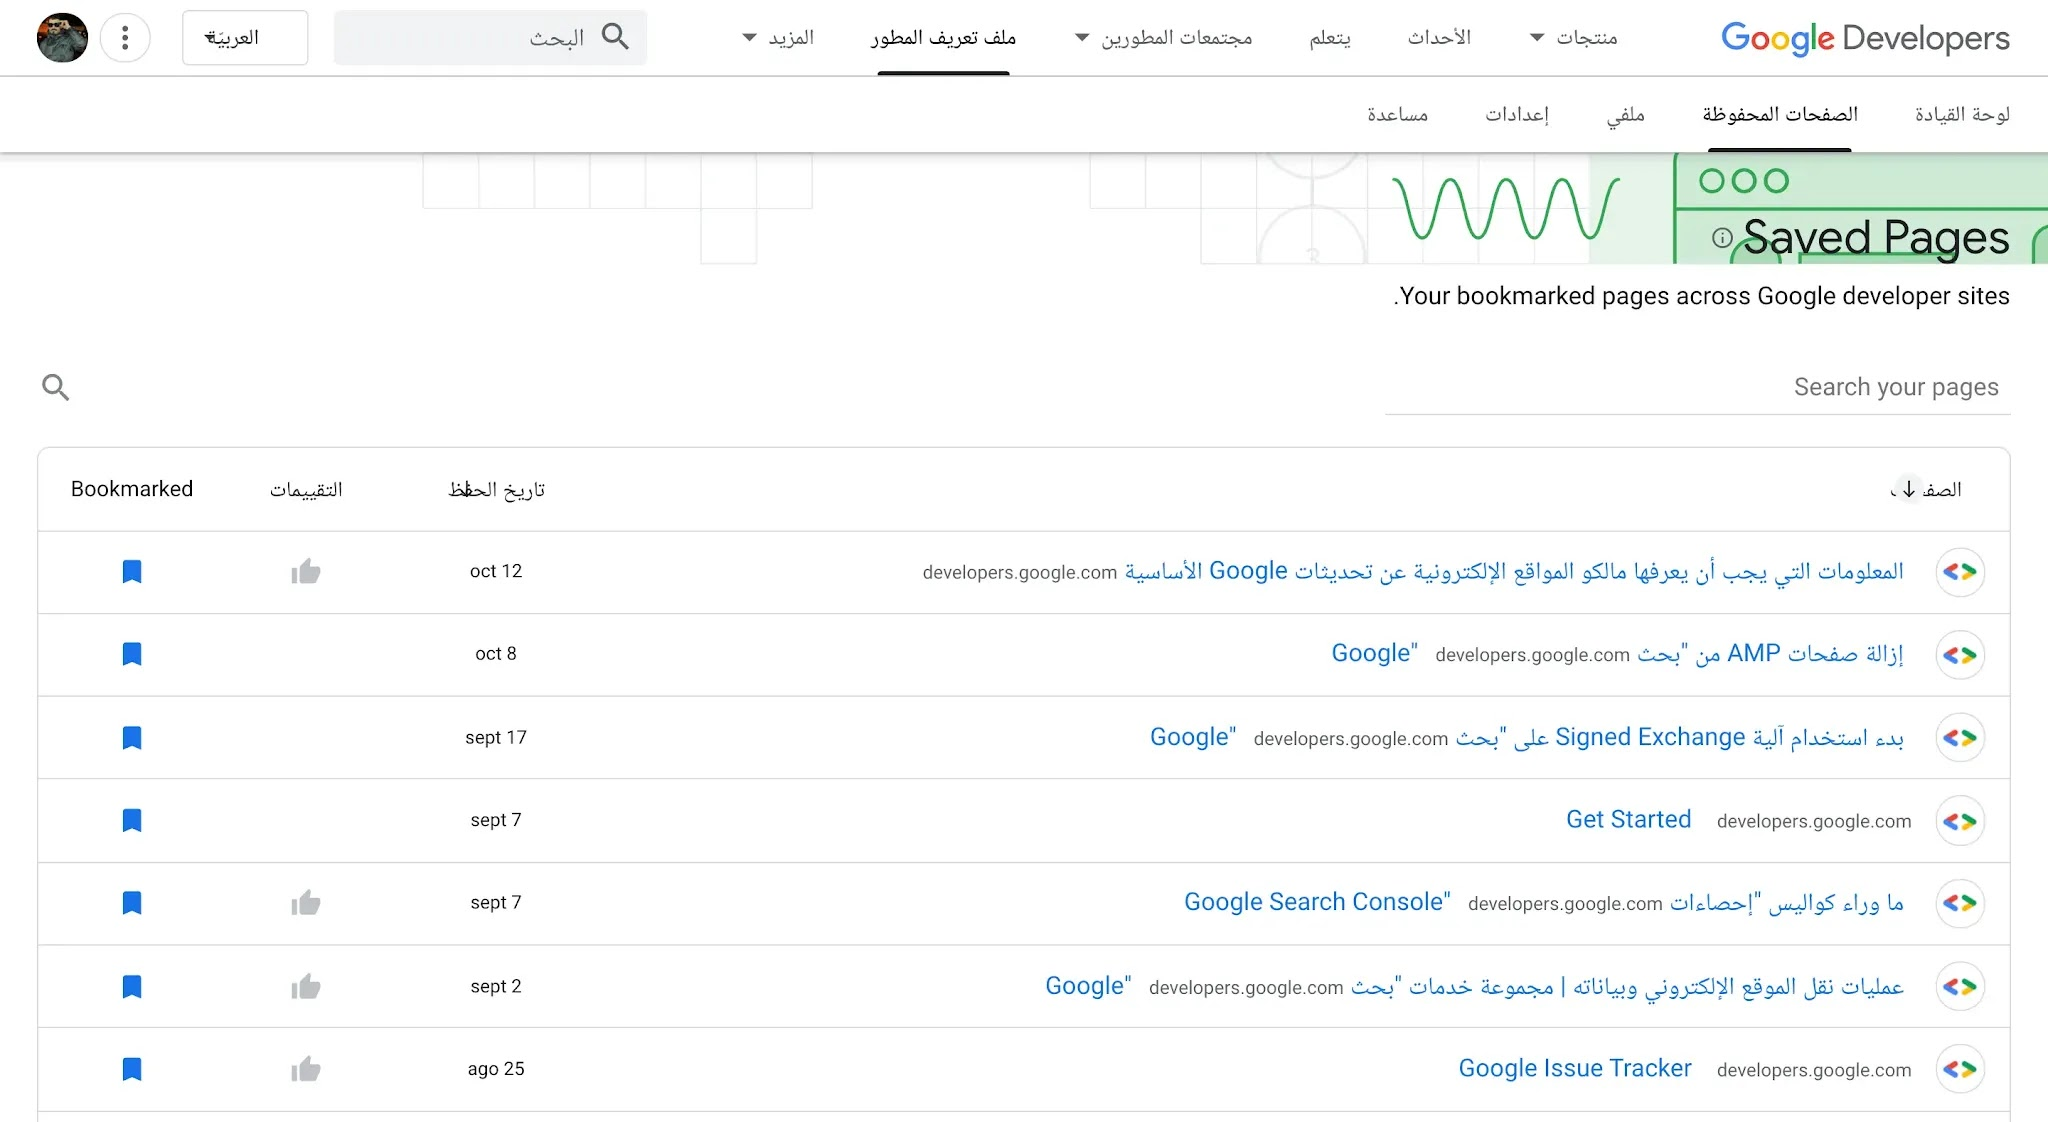 صفحة الصّفحات المحفوظة في مطوّري غوغل